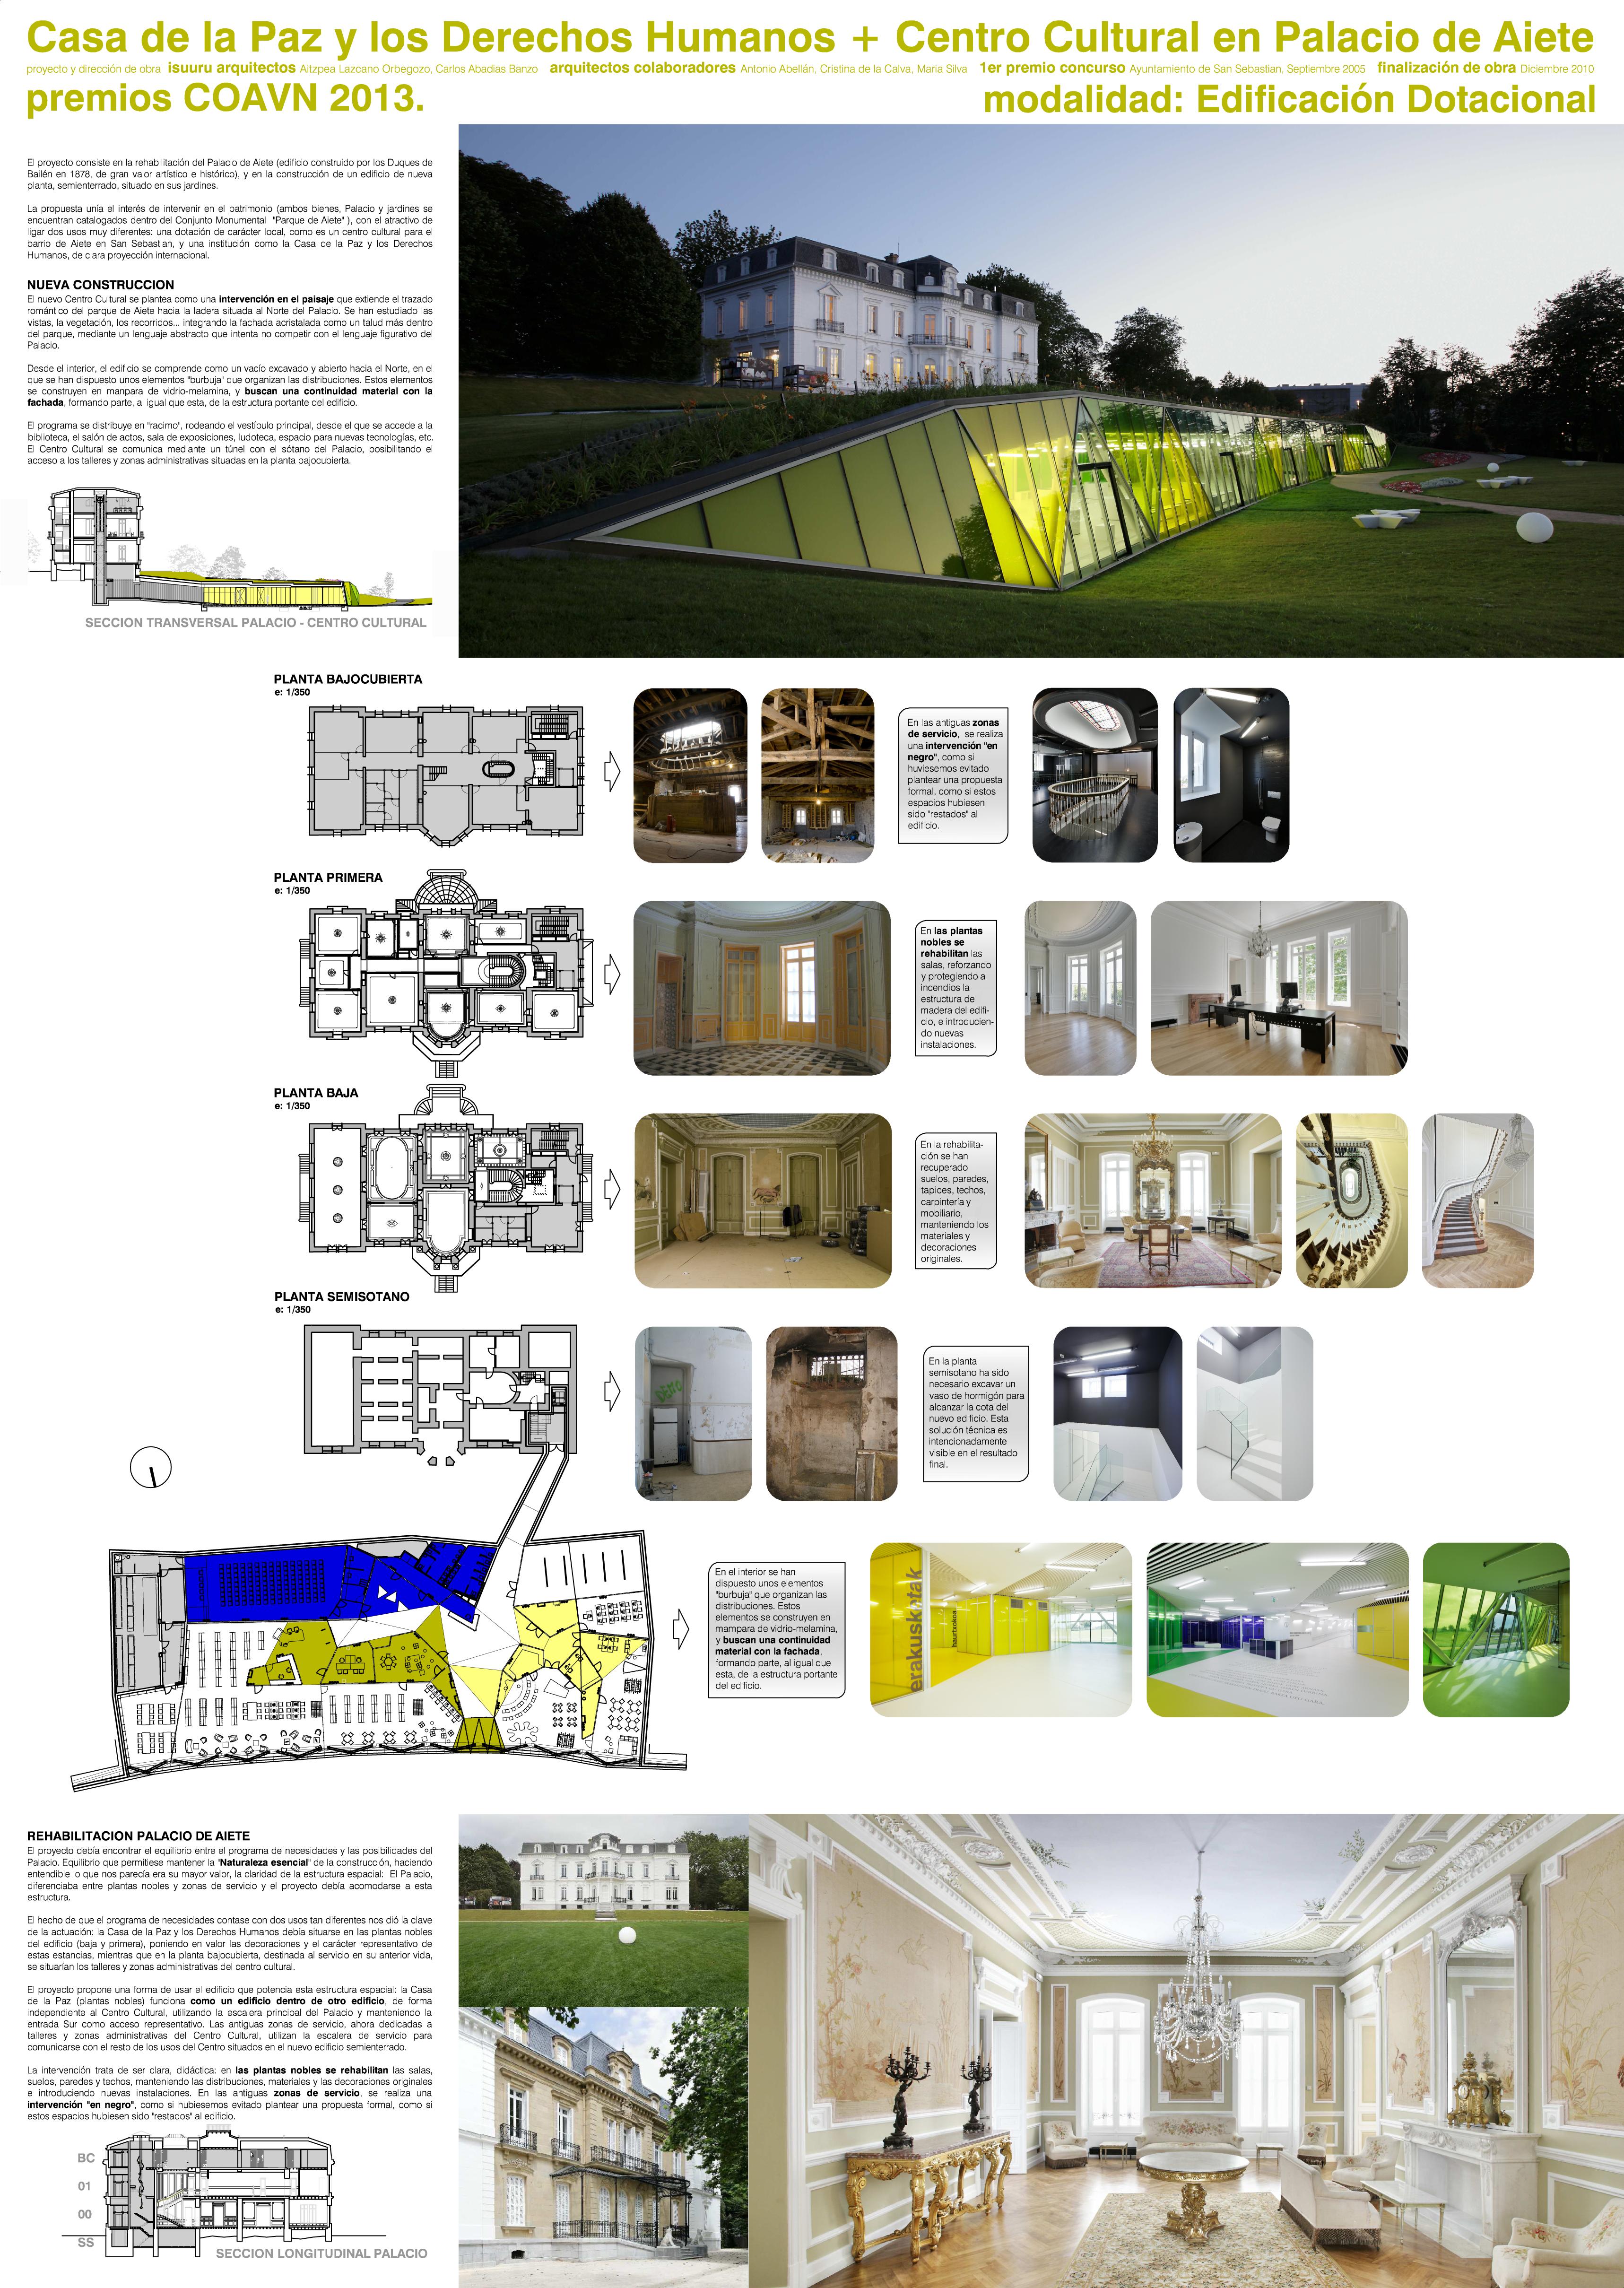 Colegio oficial de arquitectos vasco navarro - Casa en sabadell centro ...